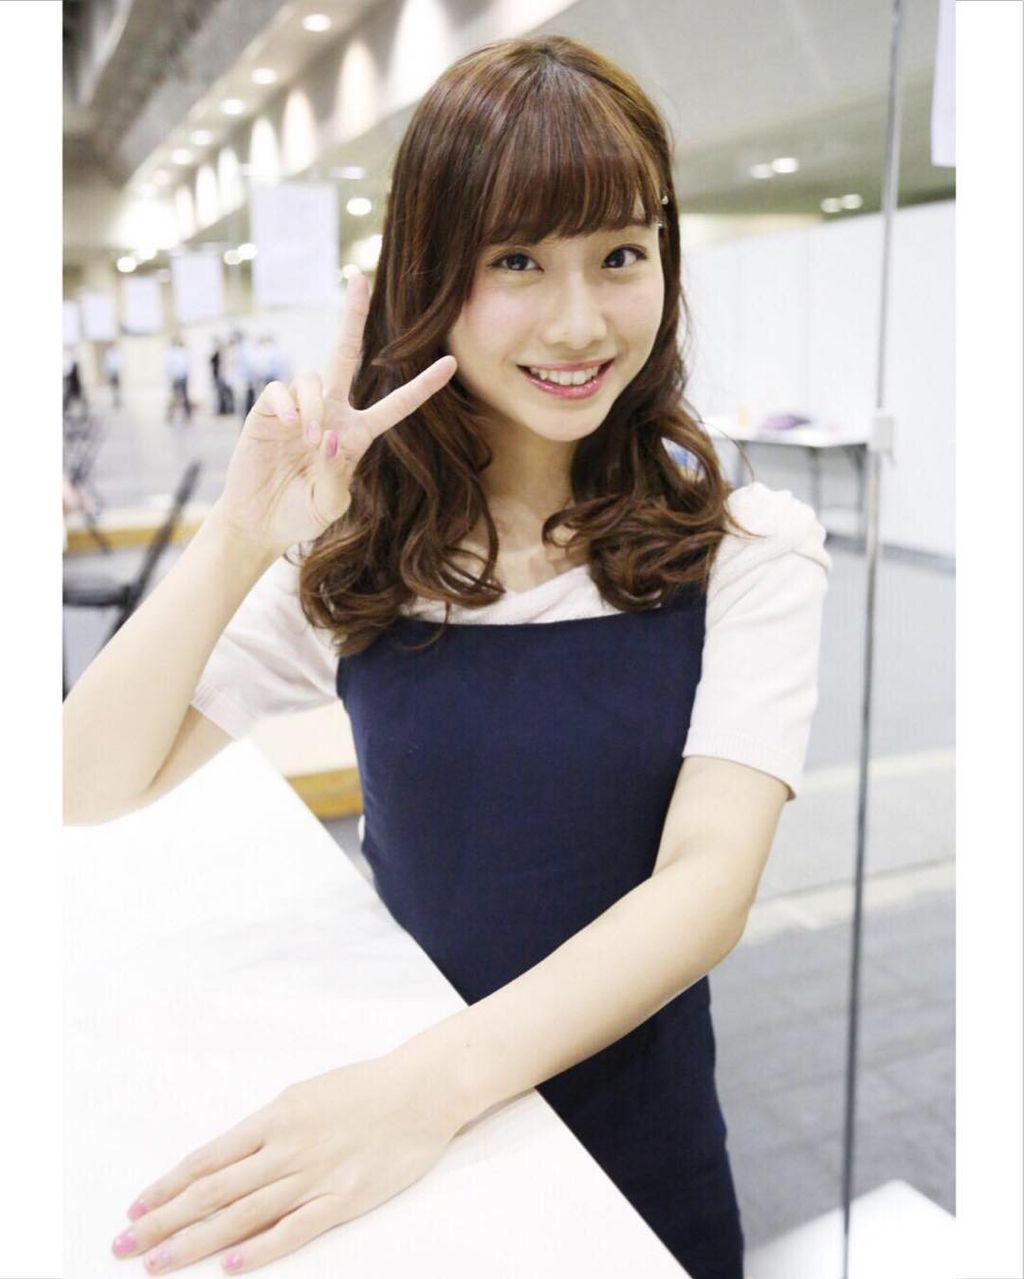 元SKE48 柴田阿弥アナ、ド素人からの競馬番組MC「来年以降も続けたい」